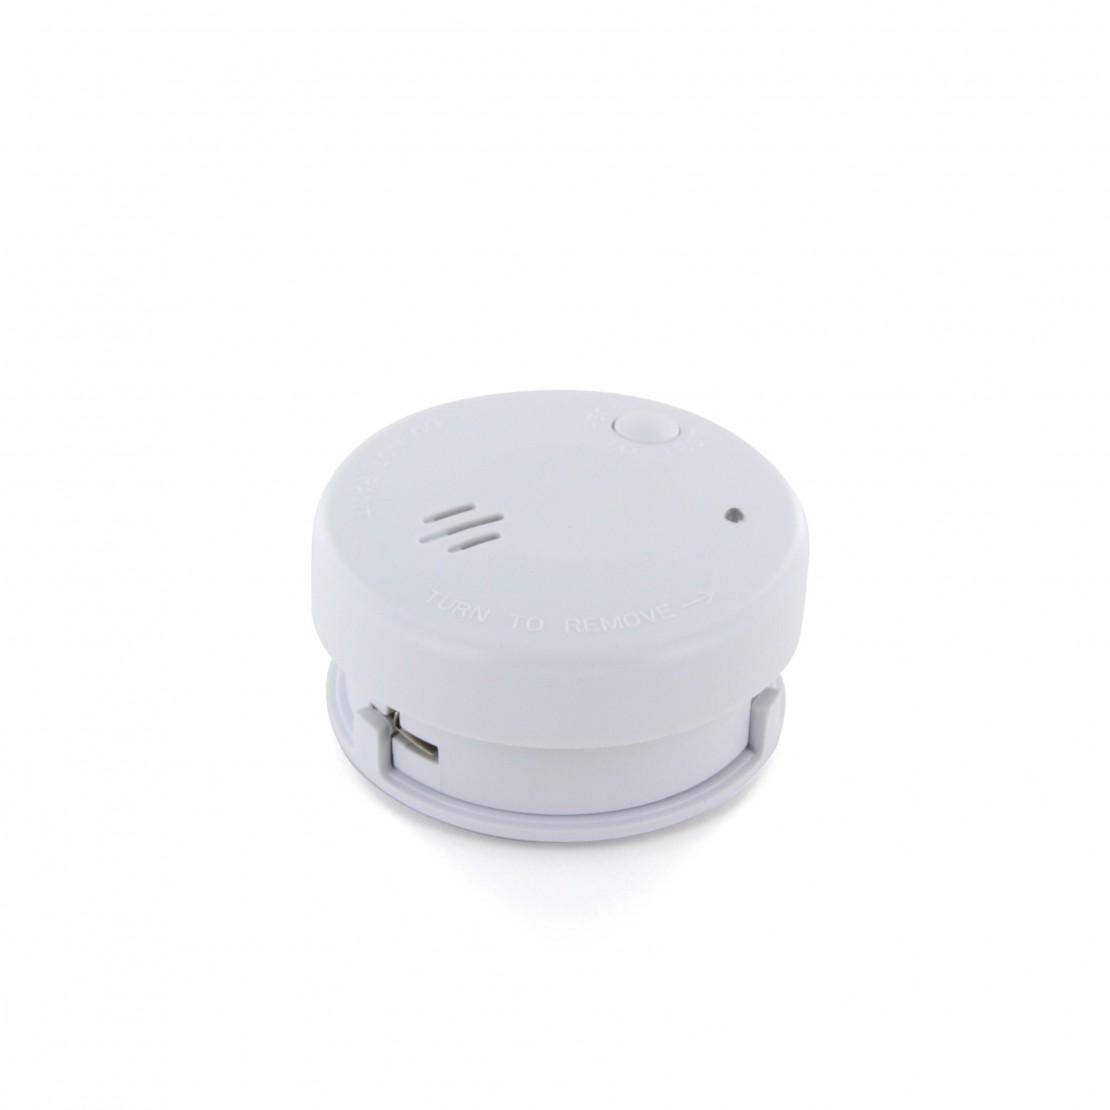 Detector de fumo óptico com 3bateriaslithium (5 anos)